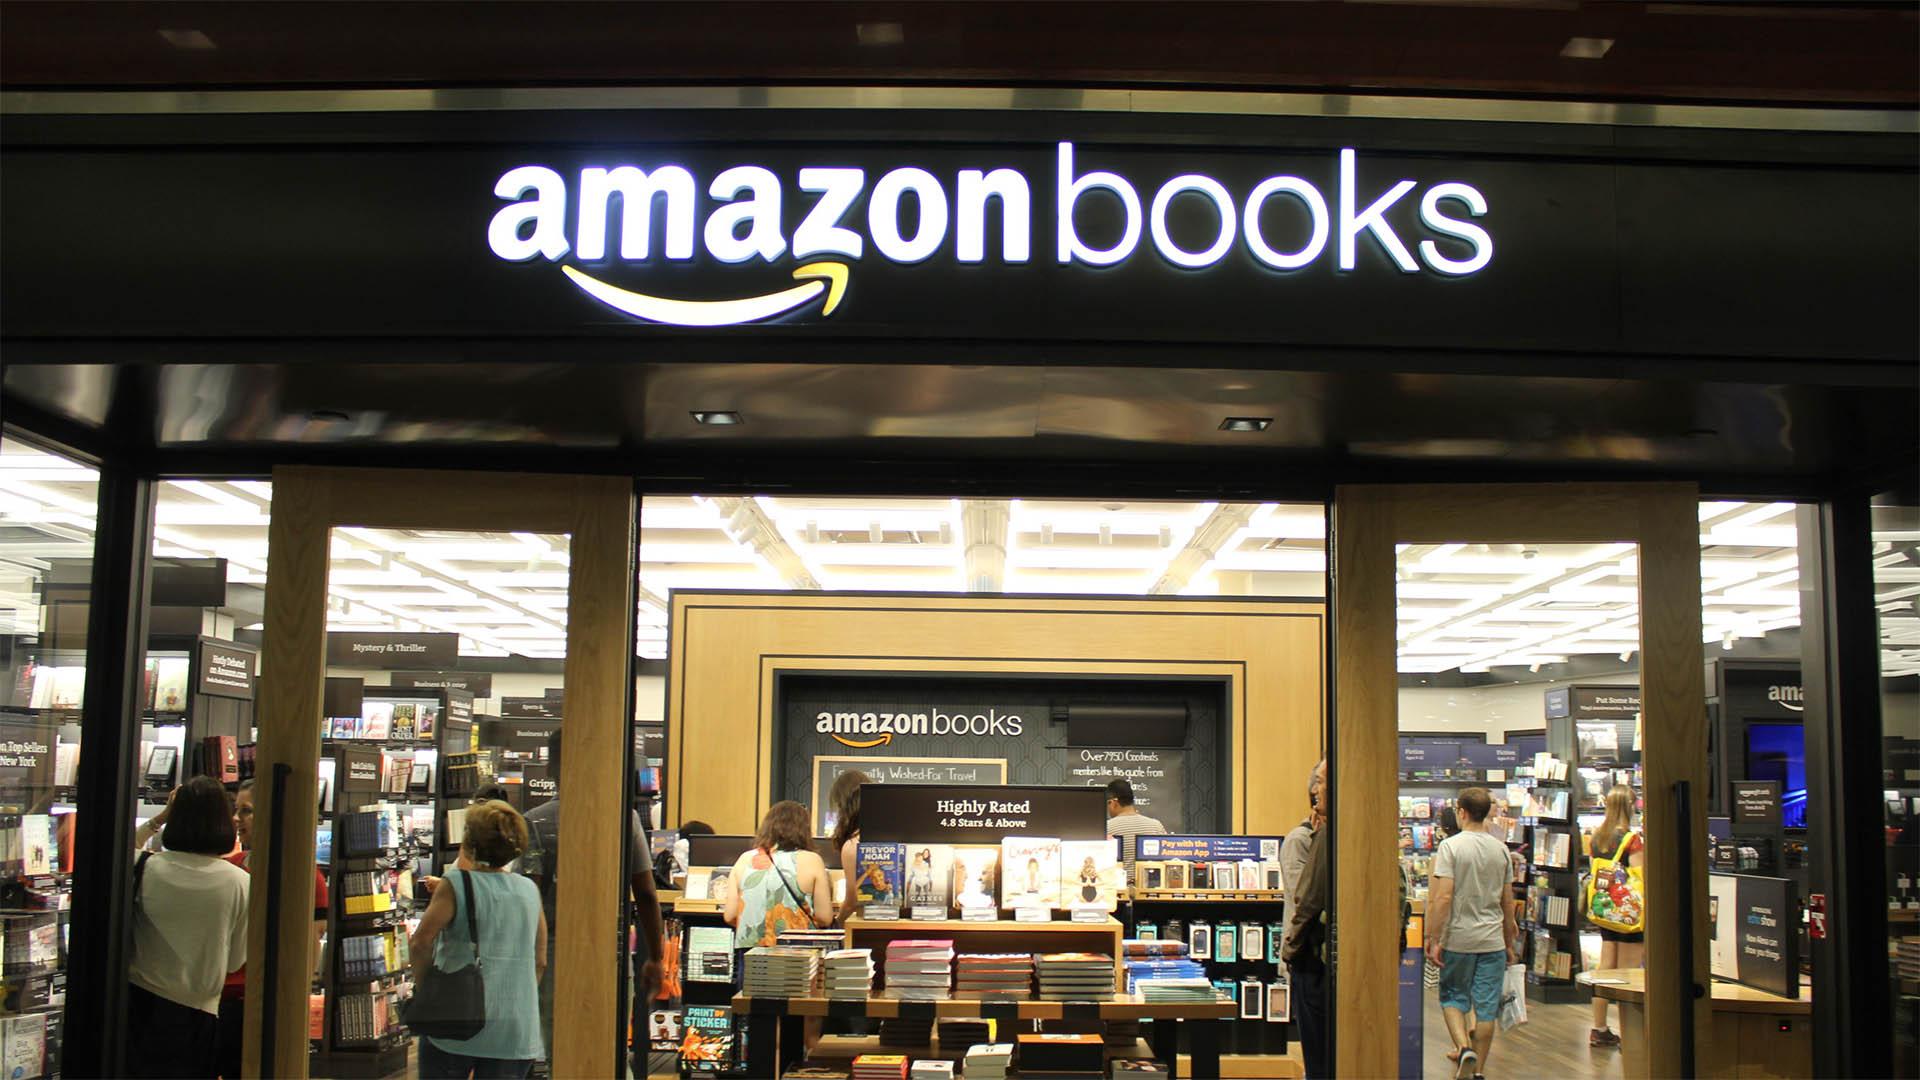 Der Online-Händler Amazon hat die Bücher mehrerer amerikanischer Autoren aus seinem Angebot genommen, die die Konversionstherapie Homosexueller propagieren